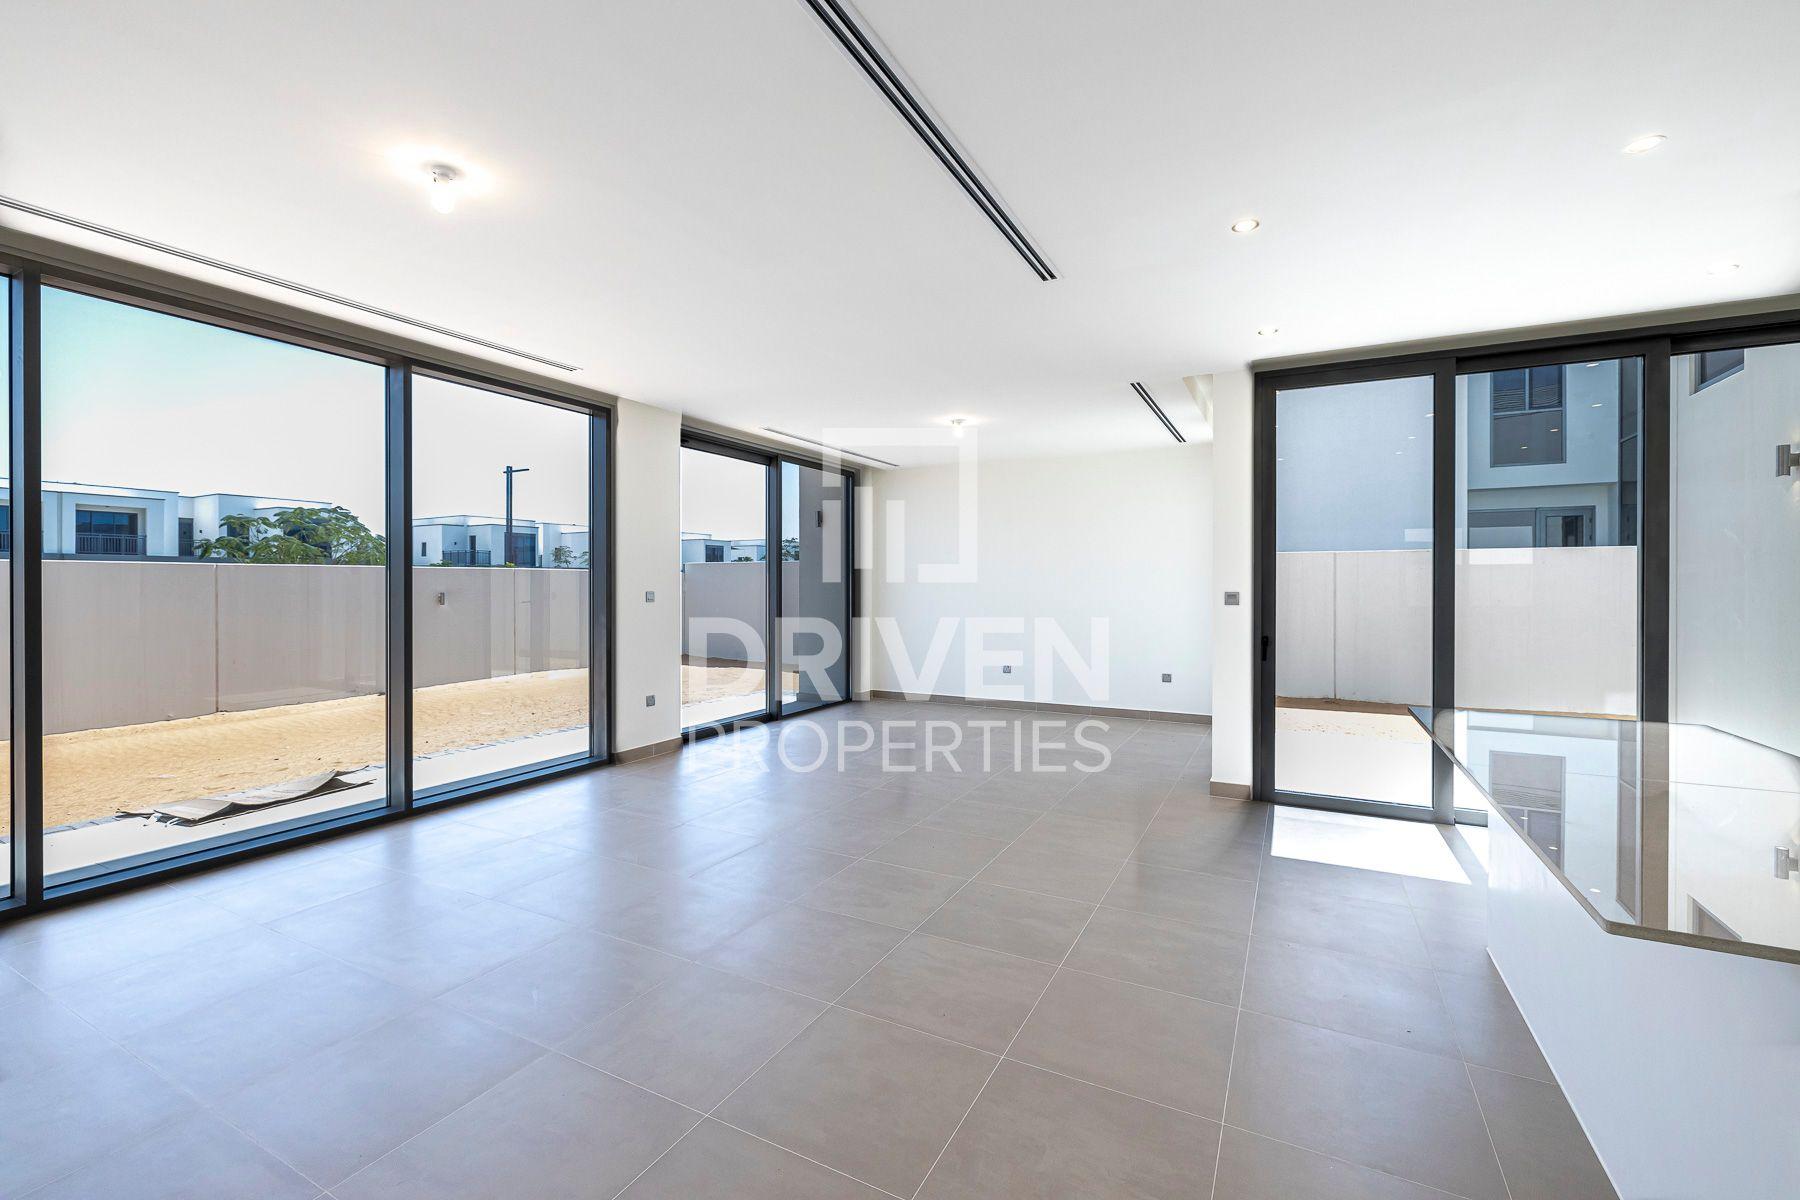 Villa for Sale in Sidra Villas III - Dubai Hills Estate